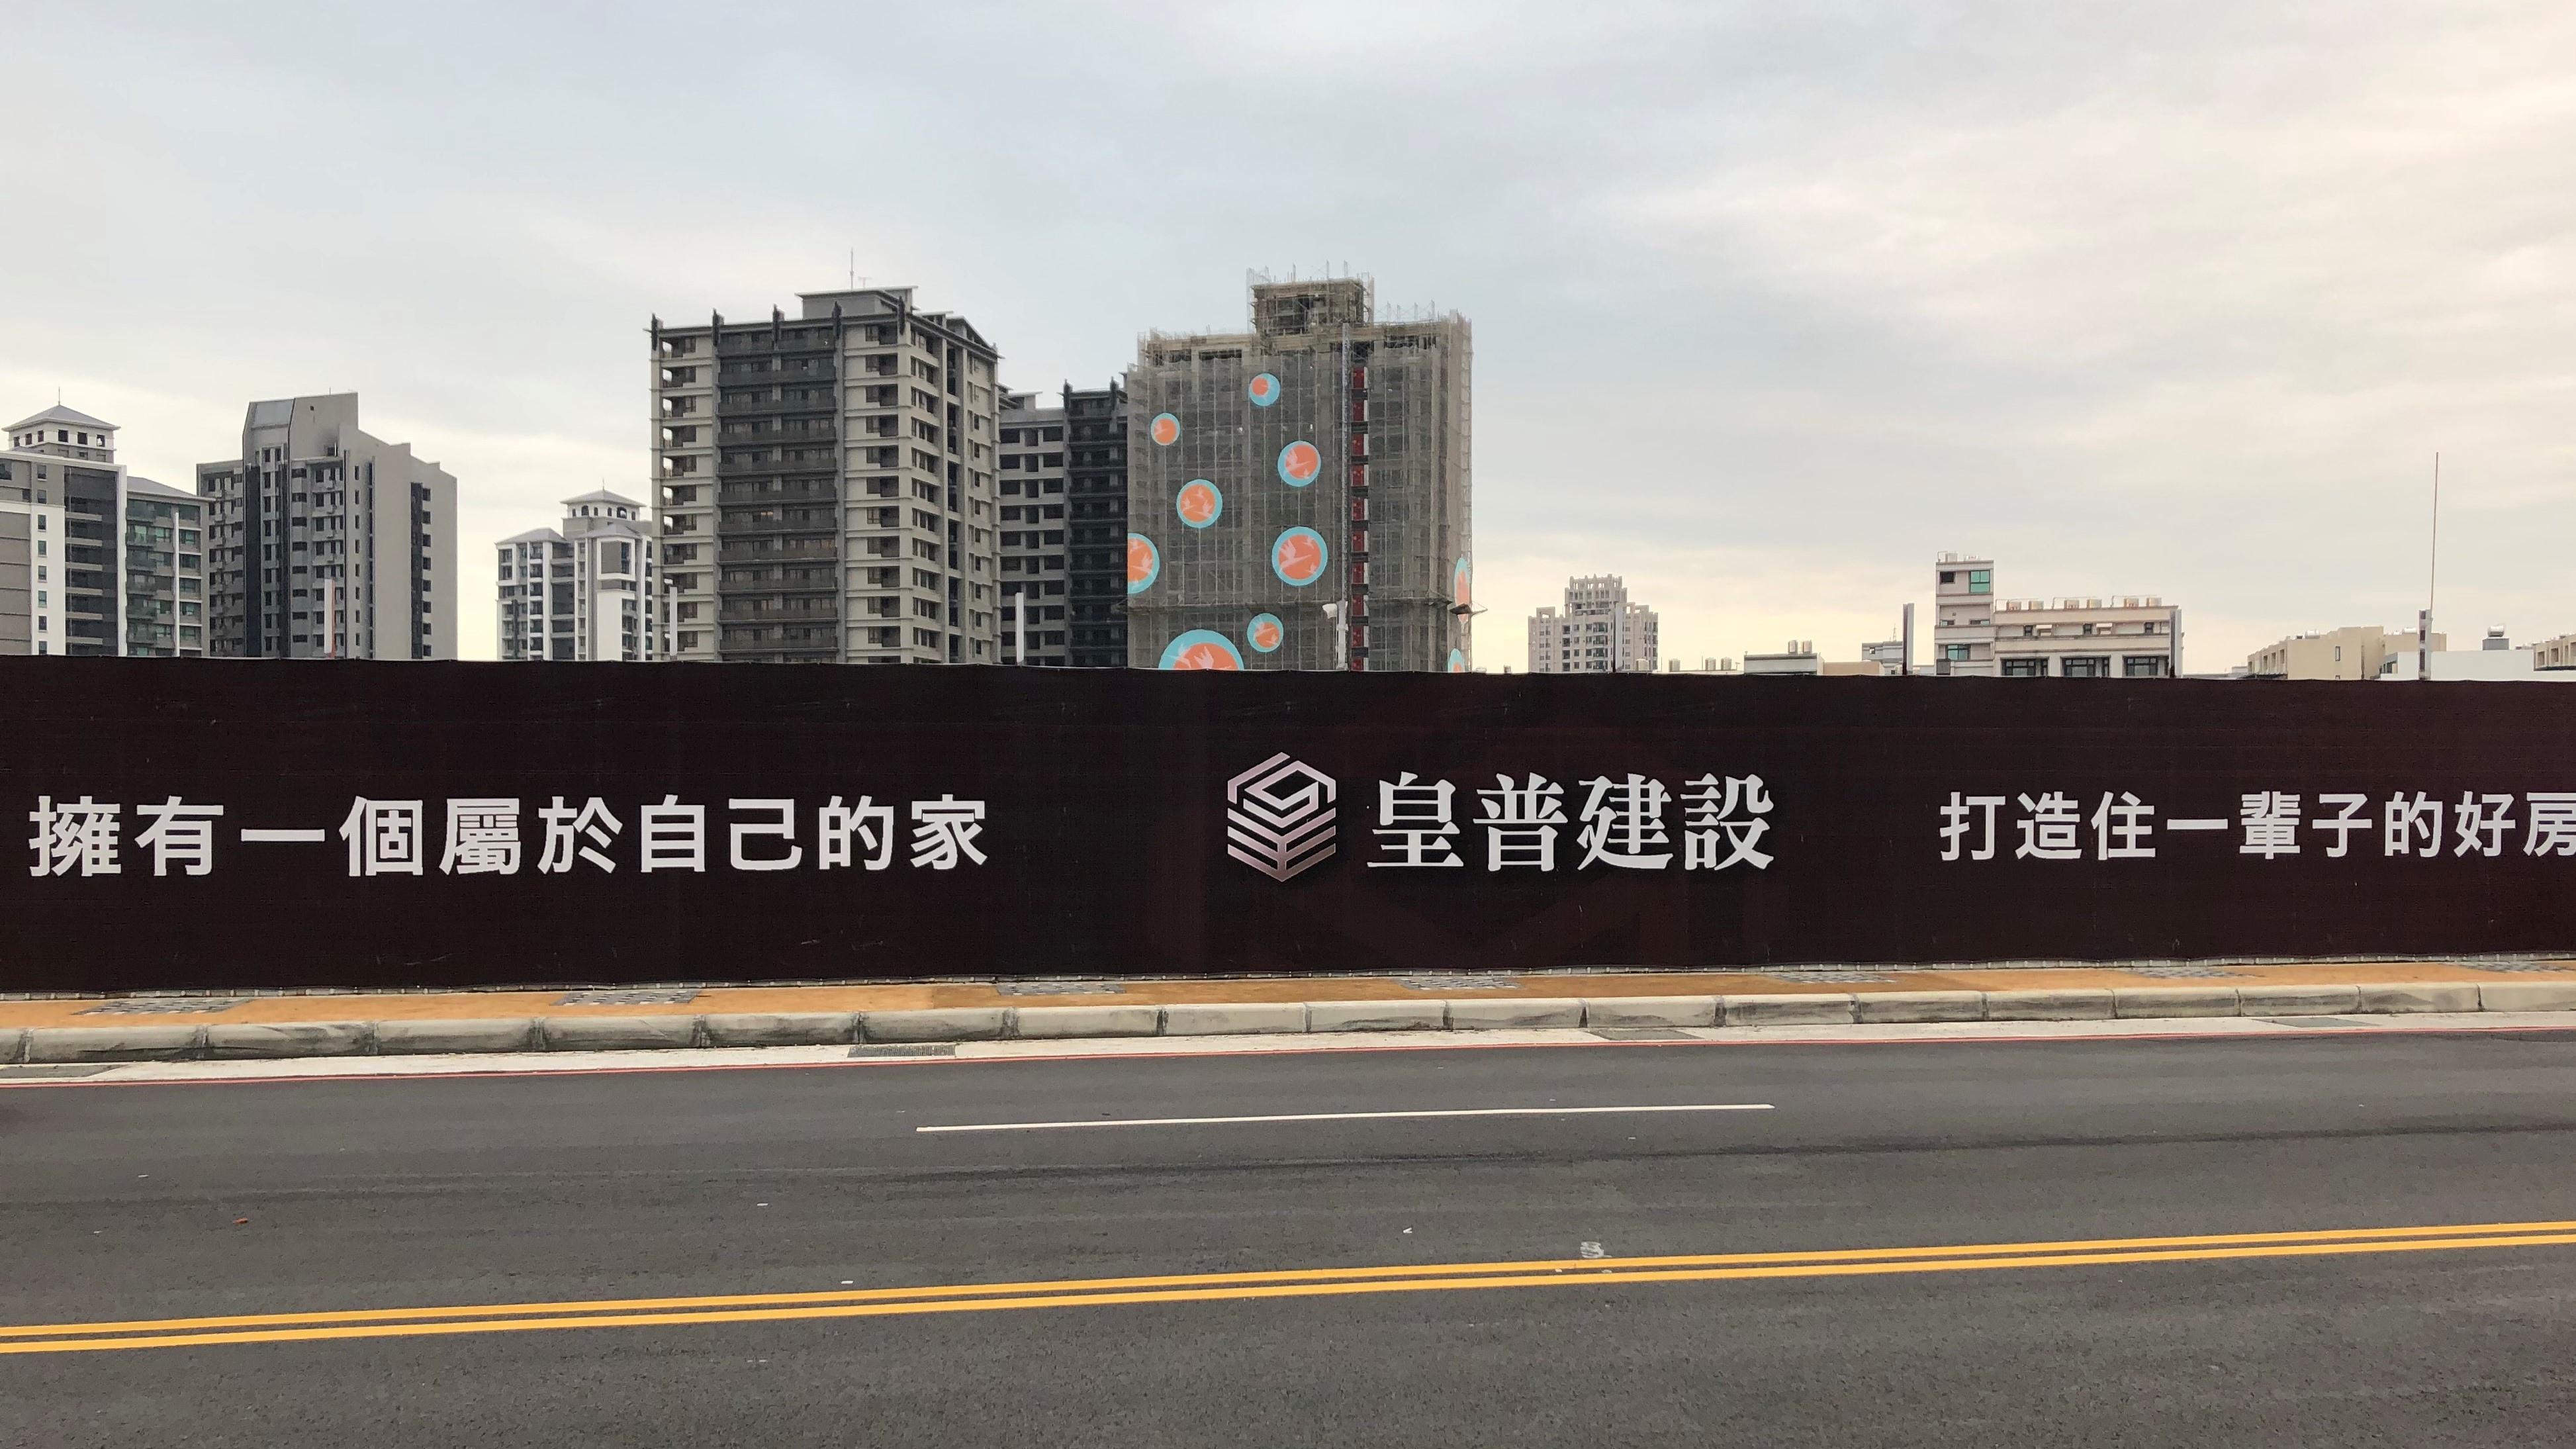 20190312皇普雲鼎-0.jpg